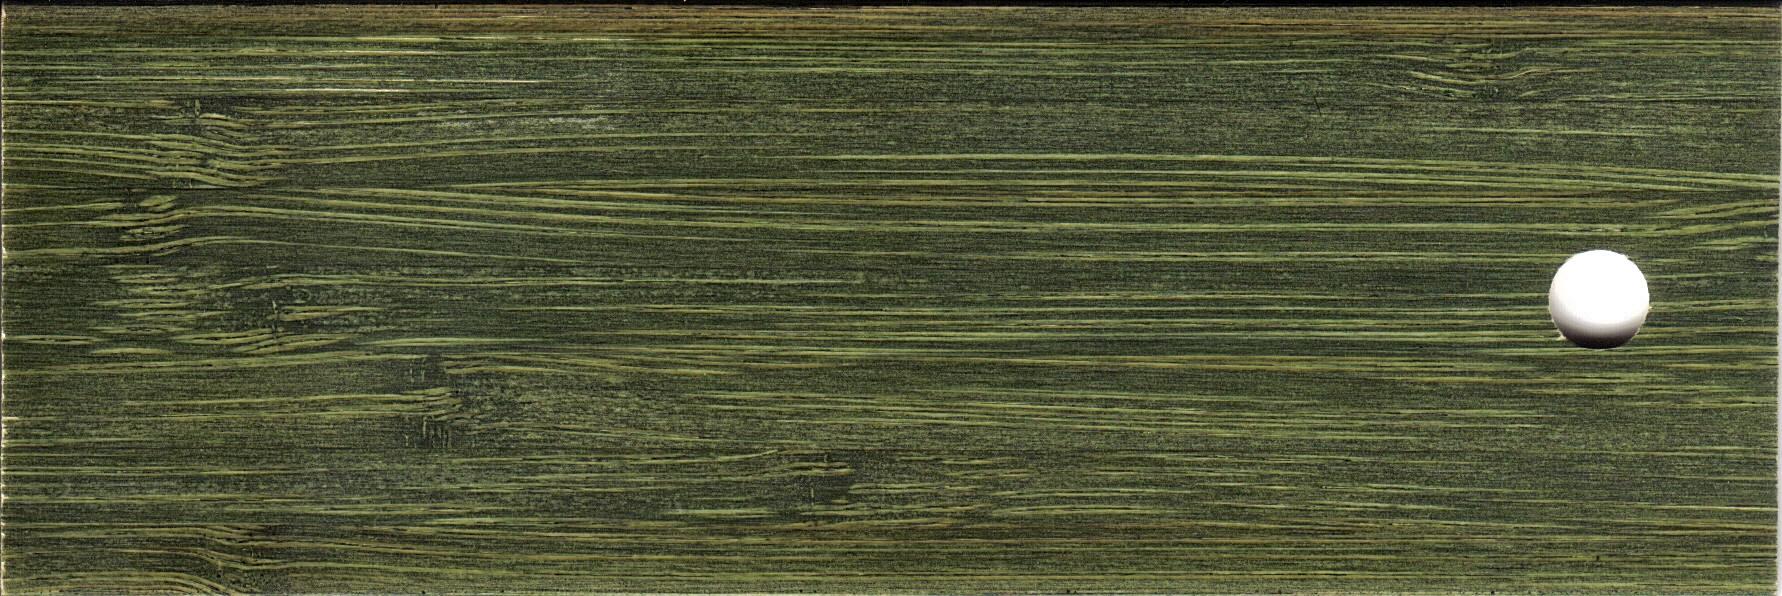 bazylia ŻALUZJE DREWNIANE (żaluzje bambusowe)